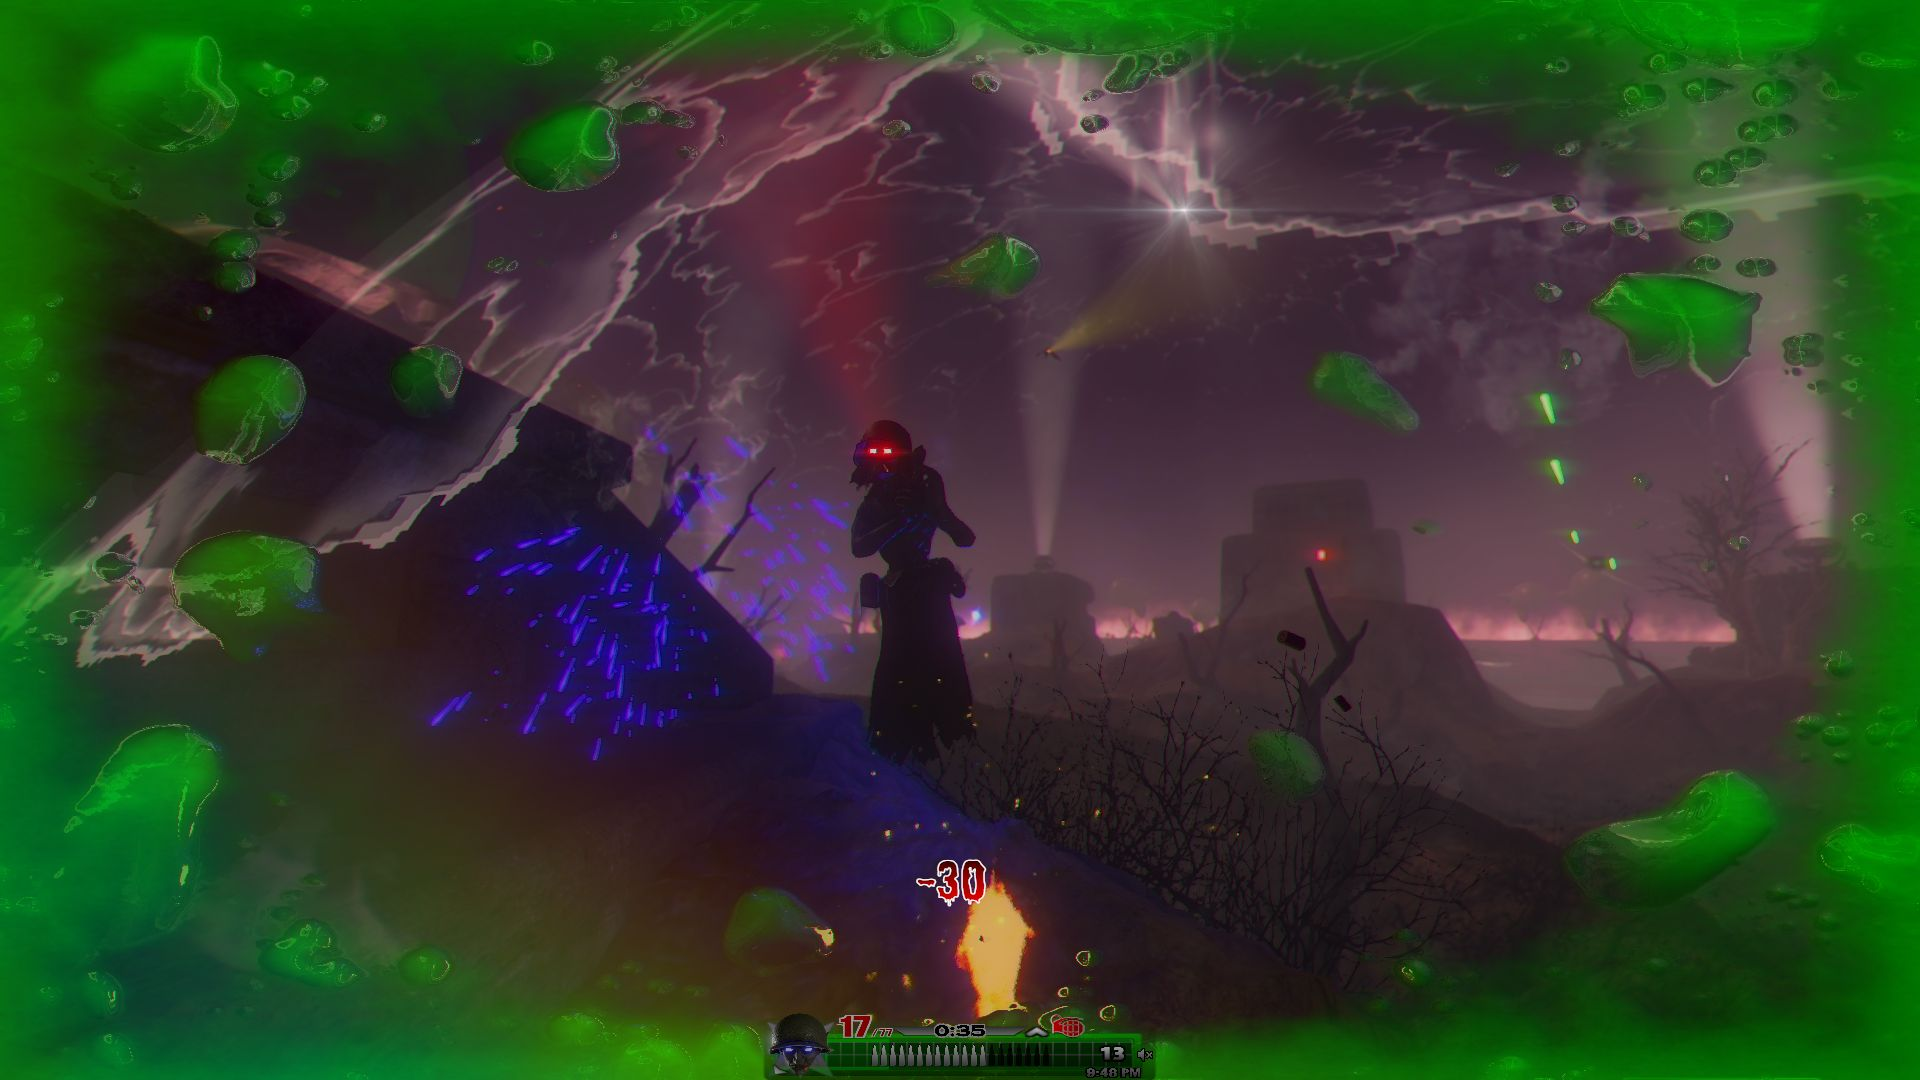 Goblin shot by Wraith